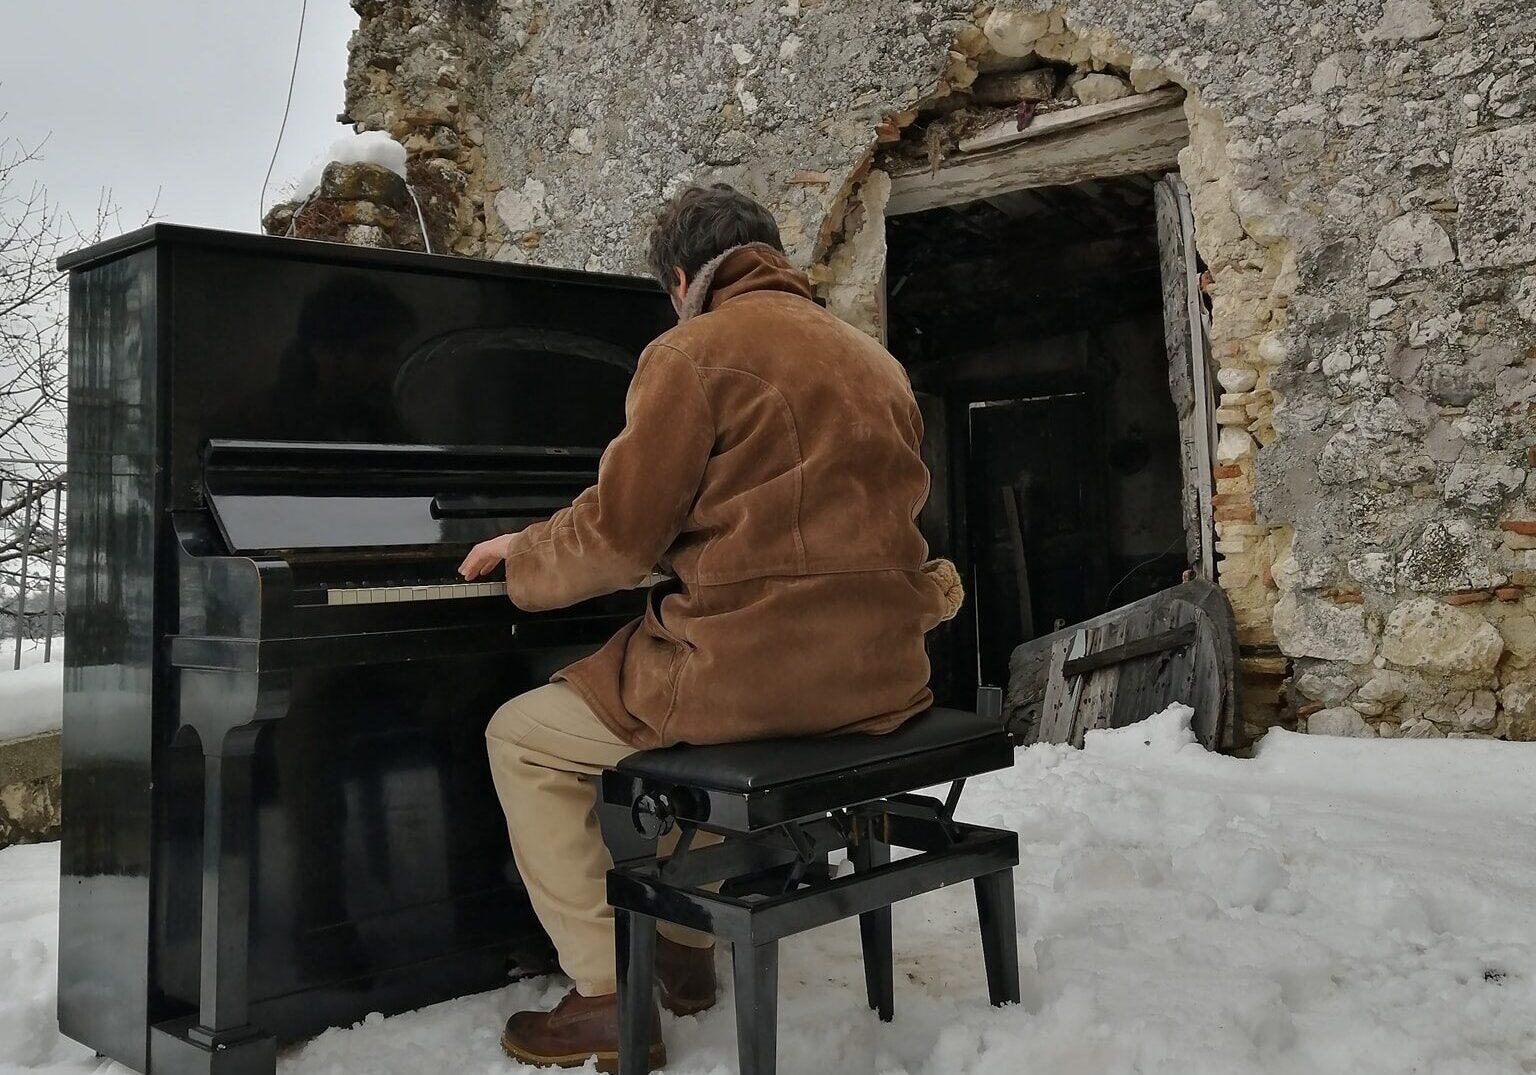 La musica di un pianoforte tra i vicoli innevati di Borgo Universo